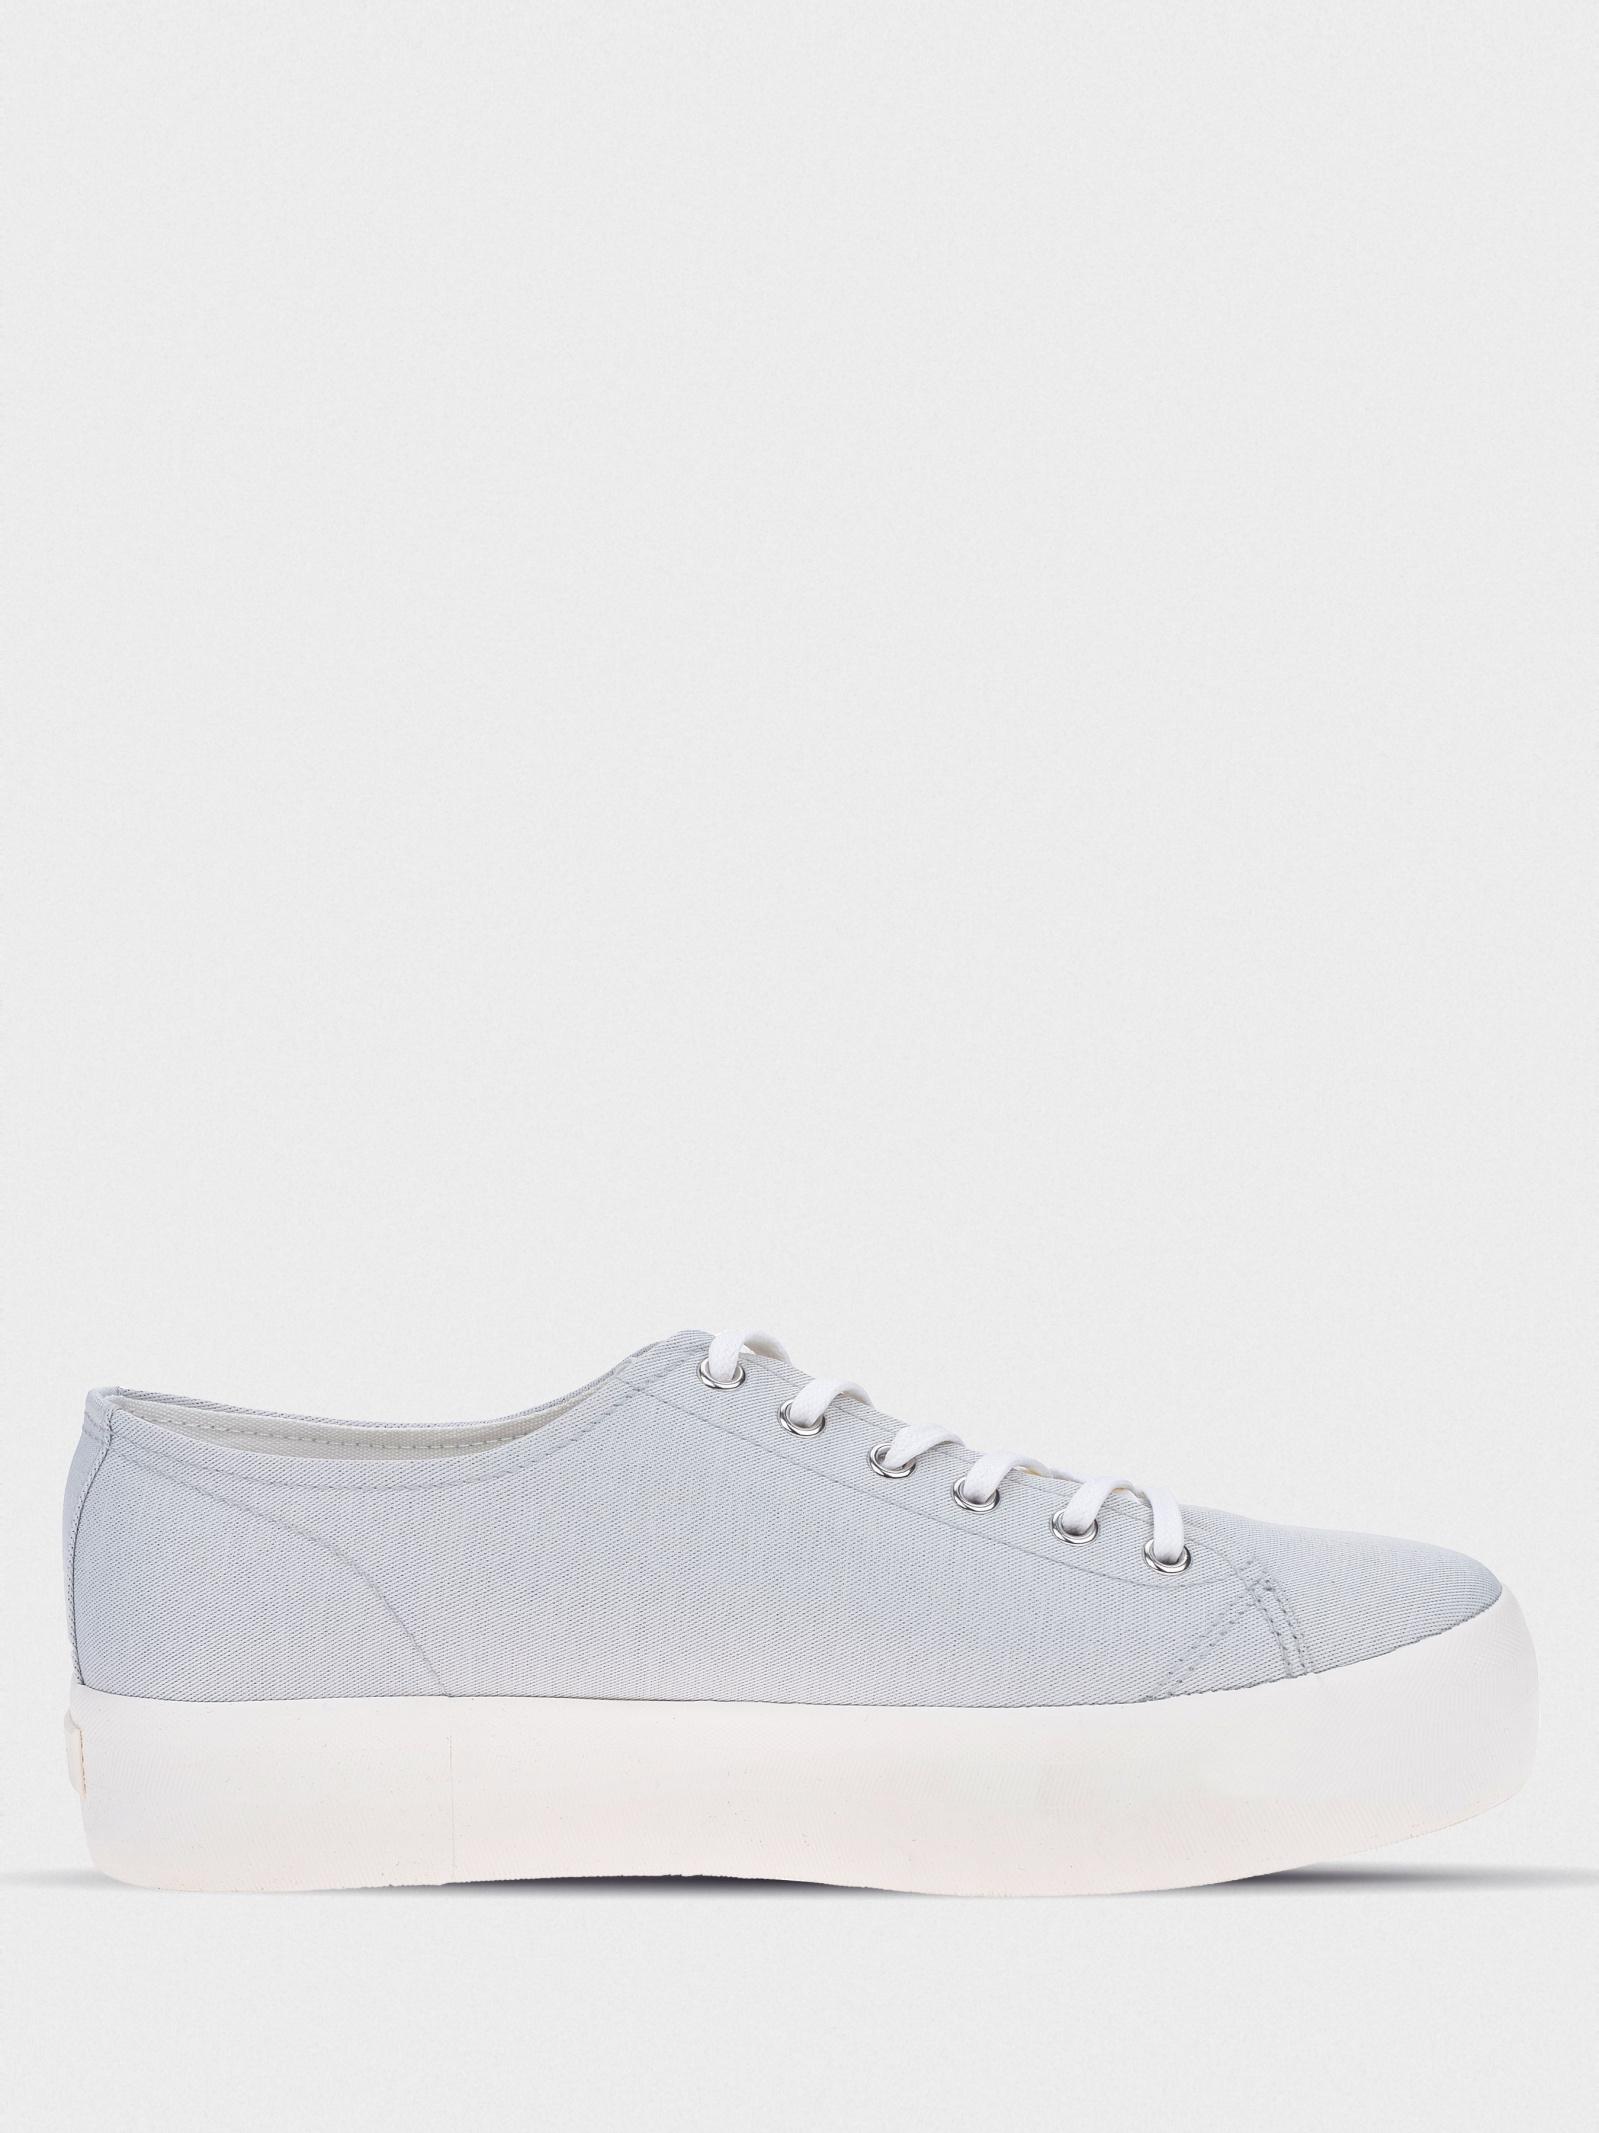 Кеди  для жінок VAGABOND PEGGY 4544-080-21 розміри взуття, 2017